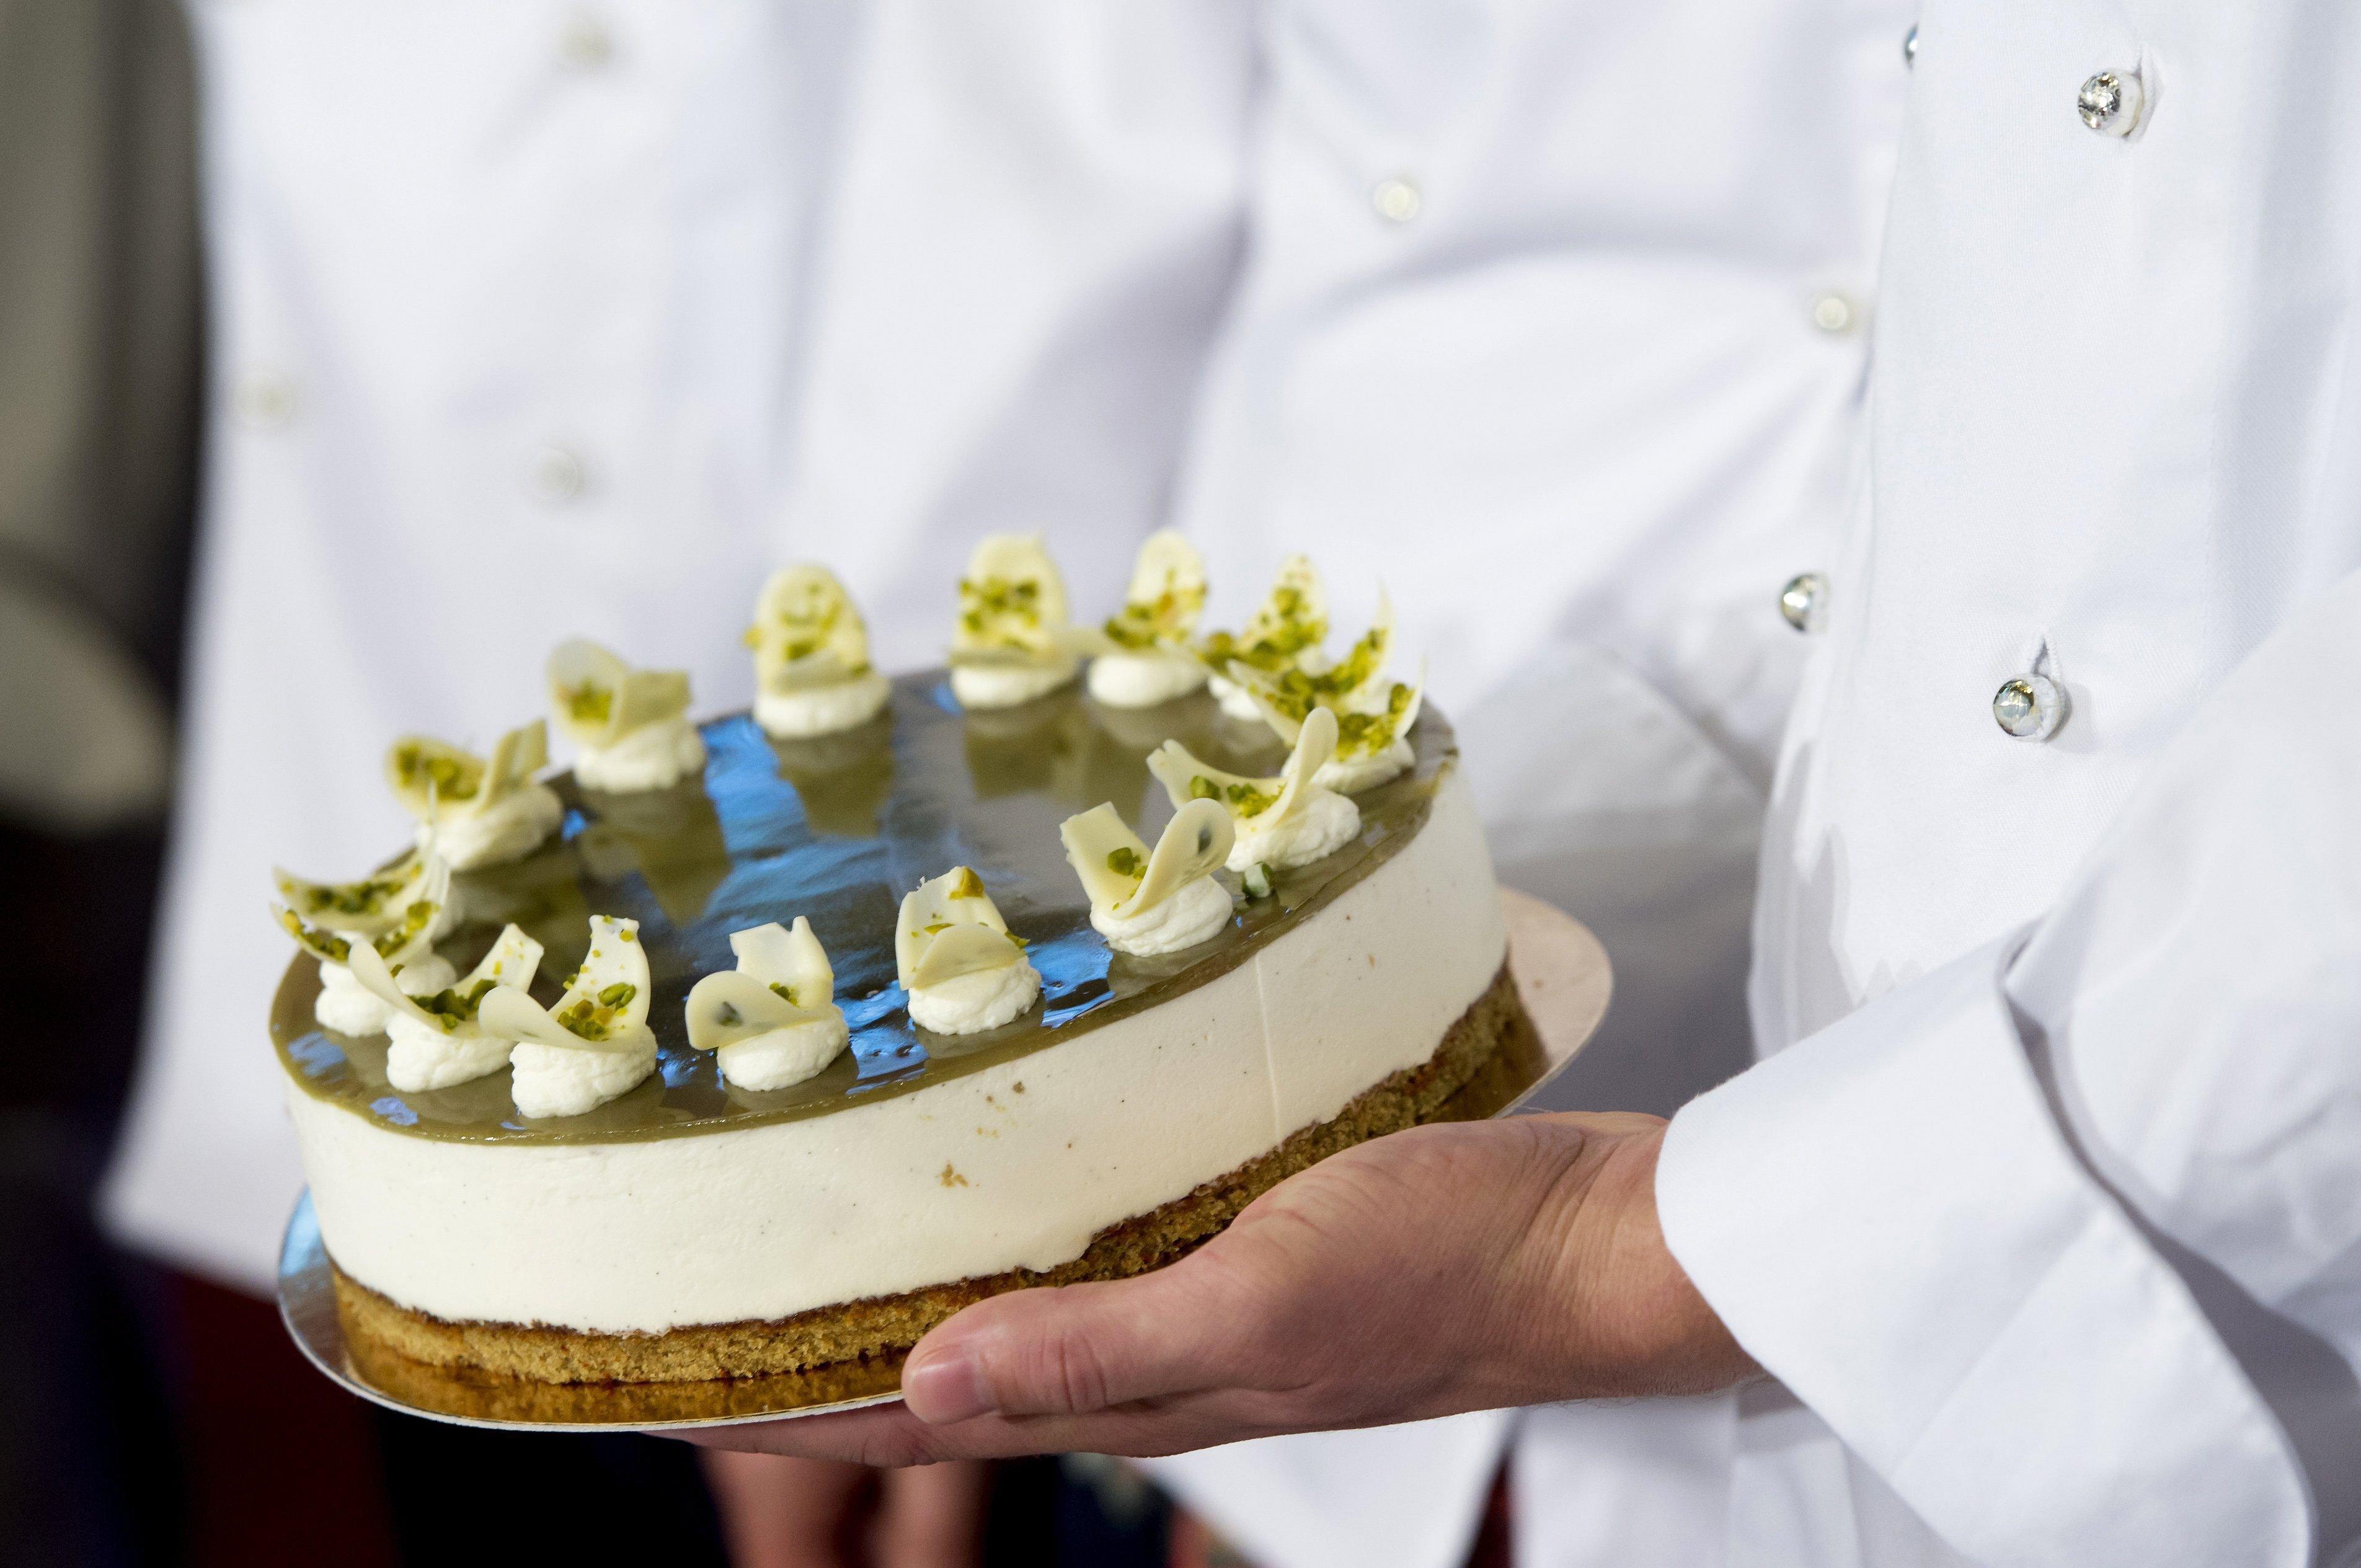 Megvan a győztes! Íme a 2016-os ország tortája